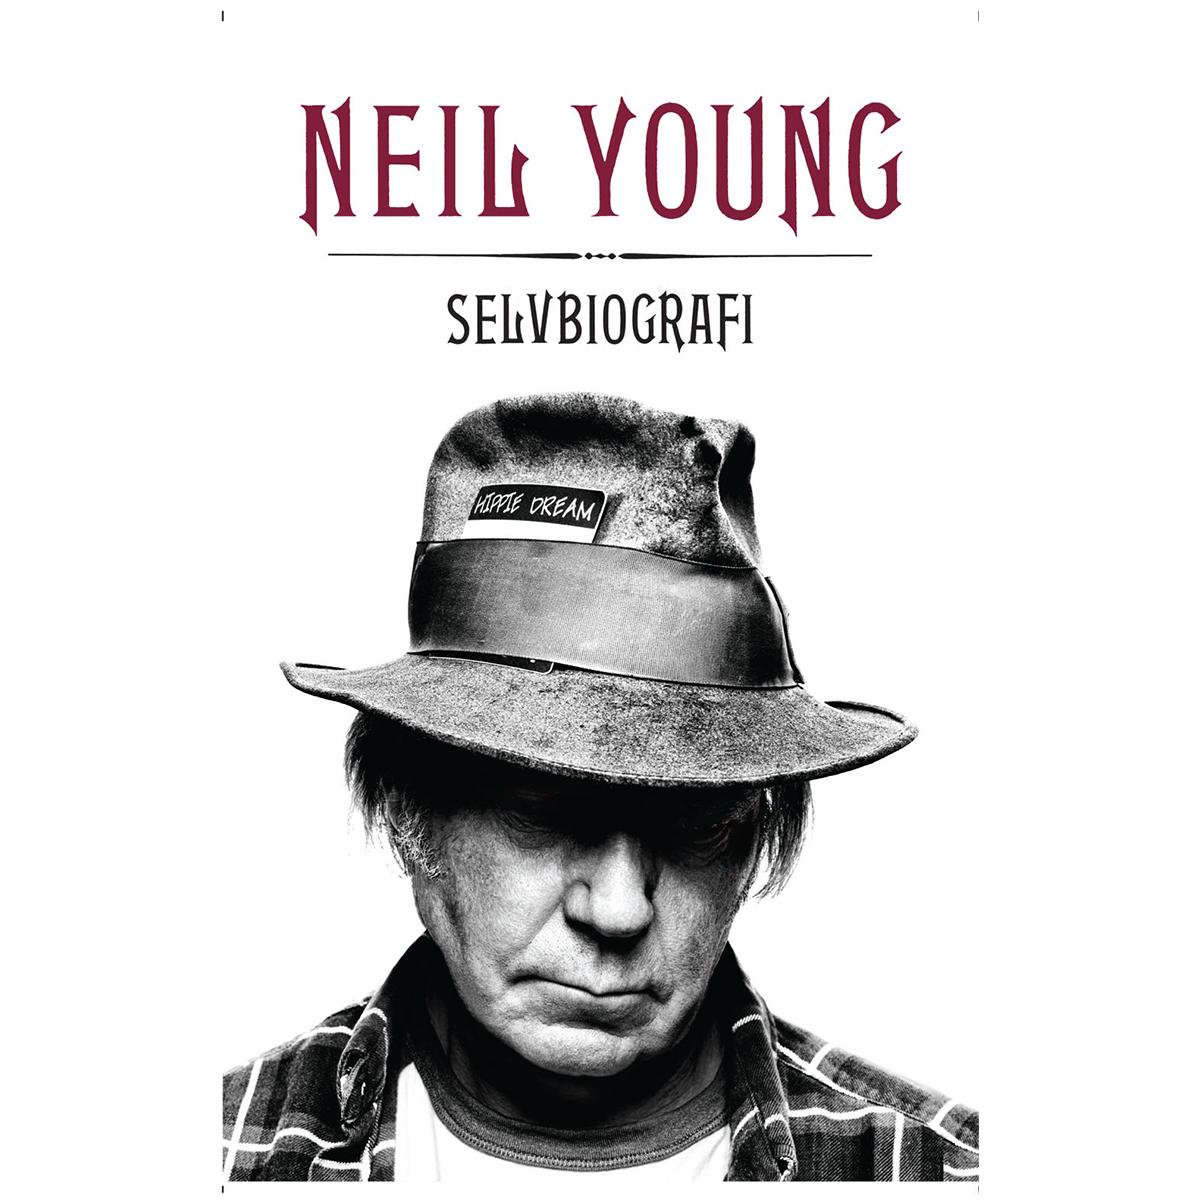 Neil Young - en selvbiografi - Hæftet